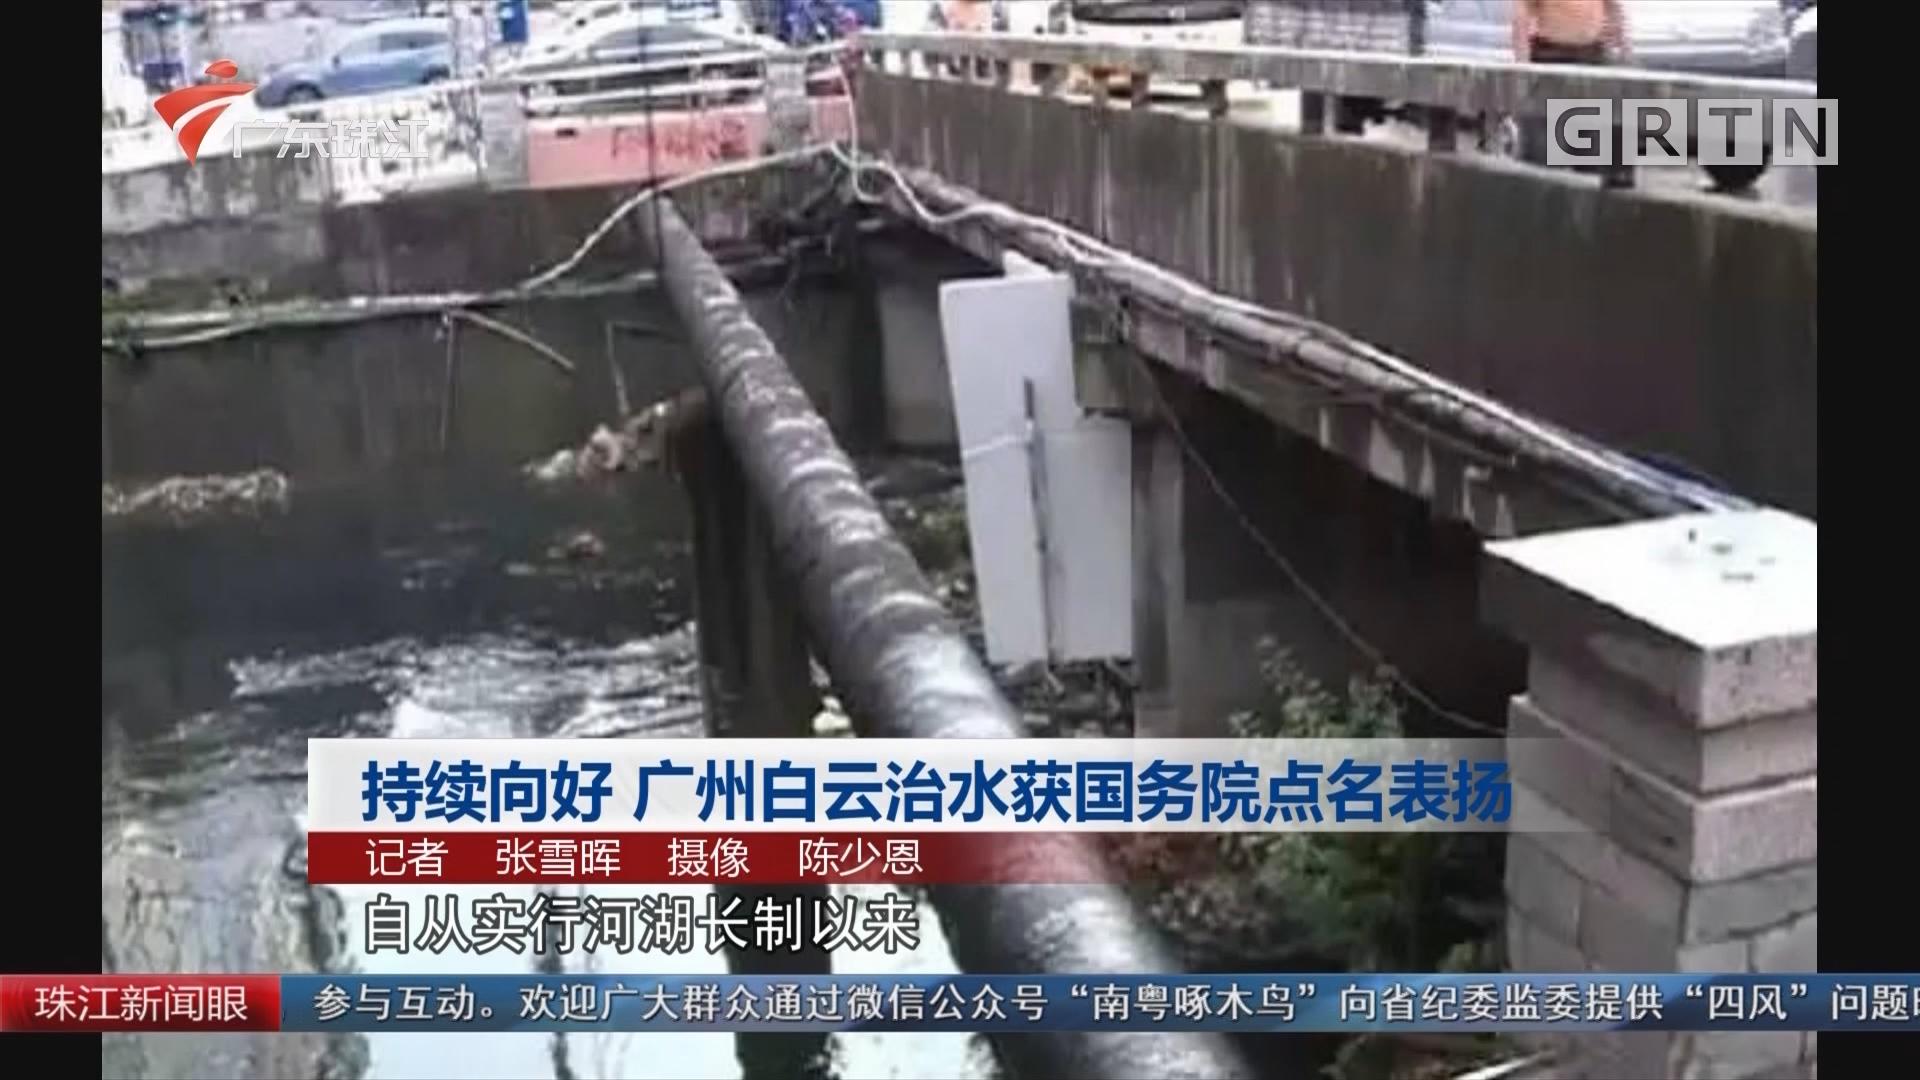 持续向好 广州白云治水获国务院点名表扬